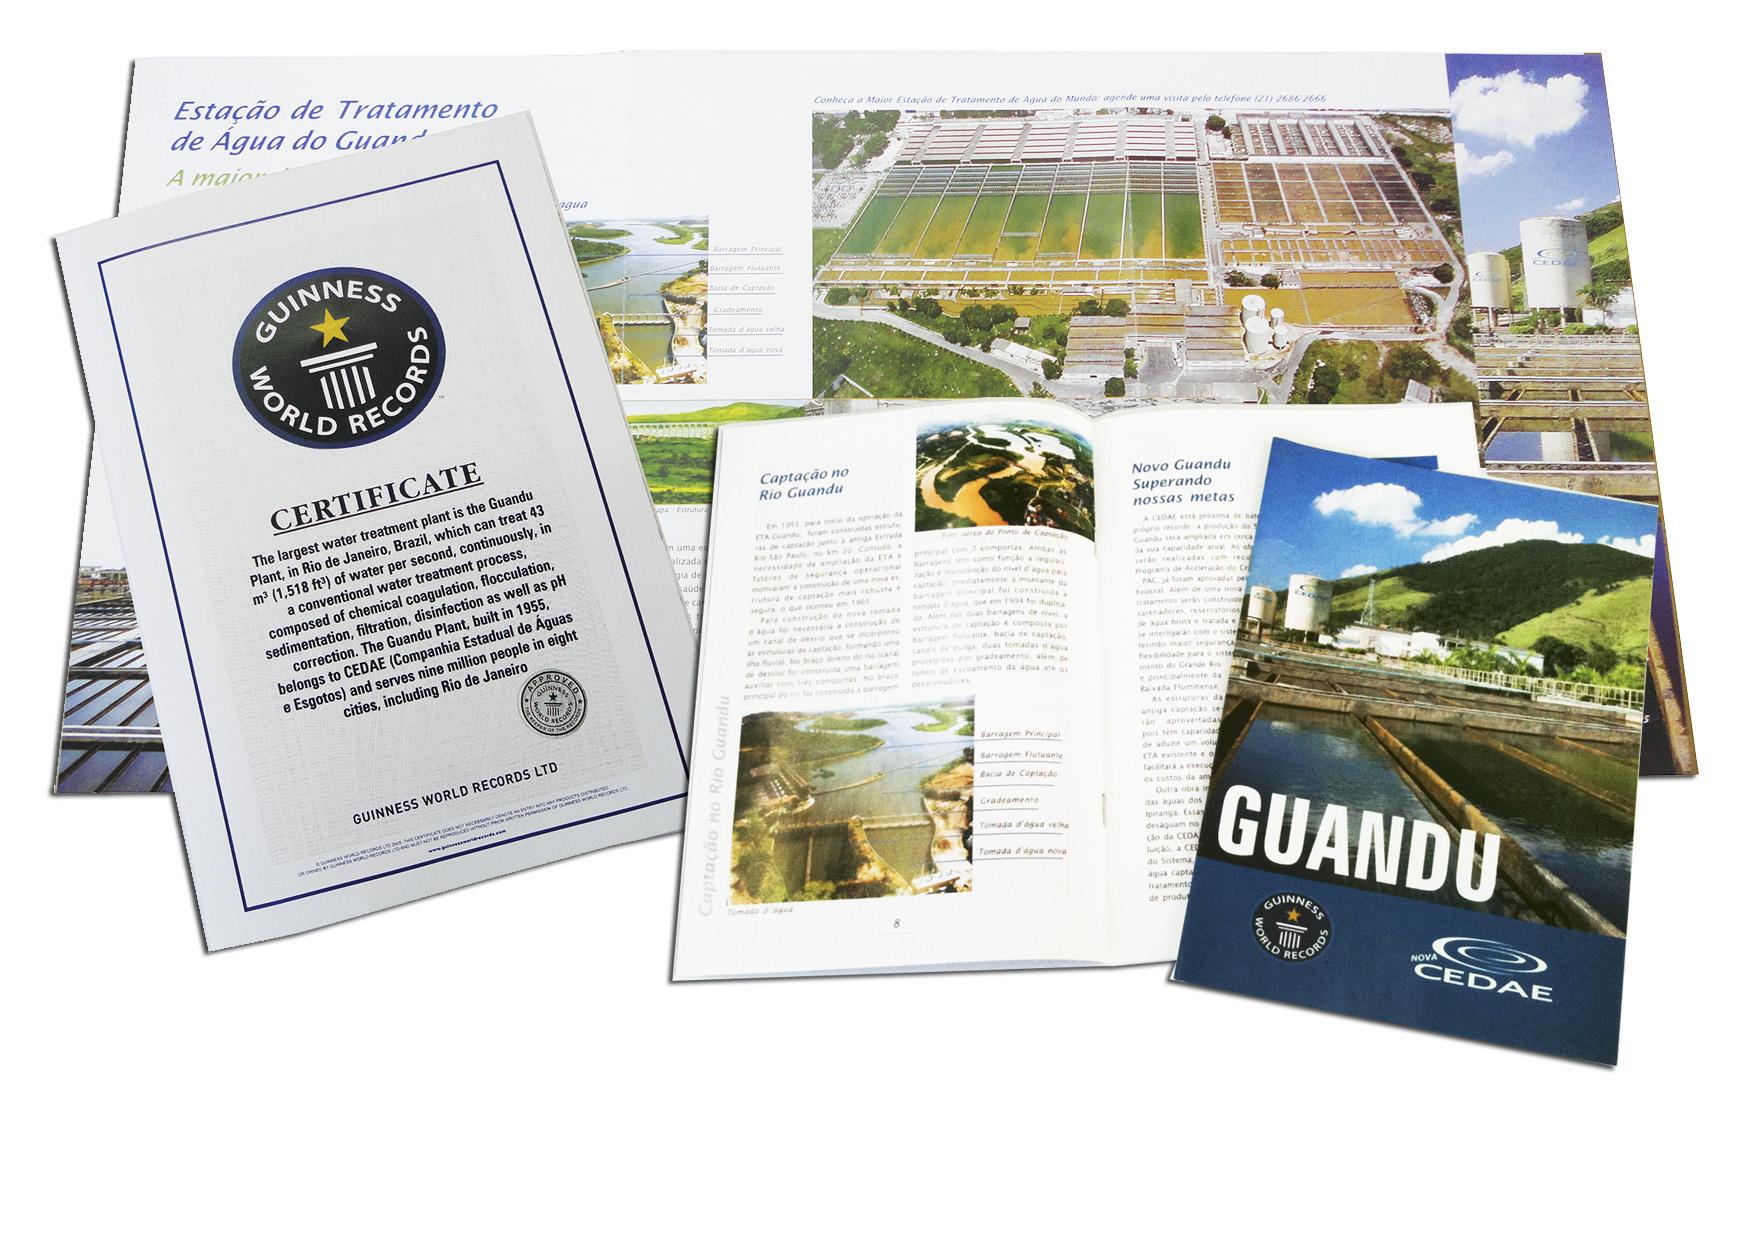 Guandu - Cedae